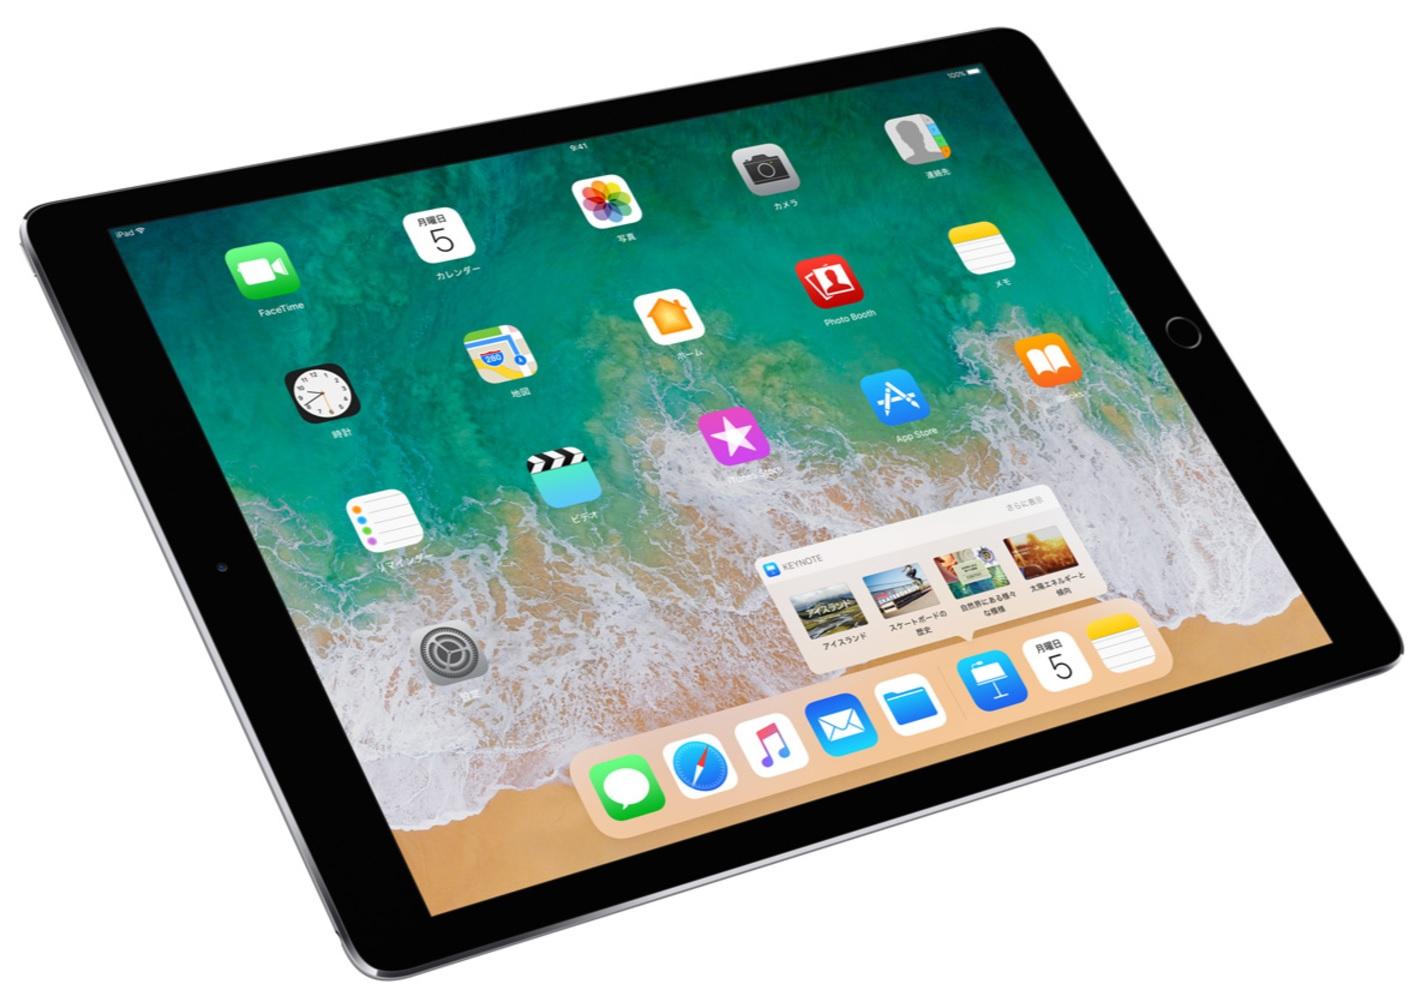 ソフトバンクが新iPad Proの予約を開始!実質価格は27,720円から!